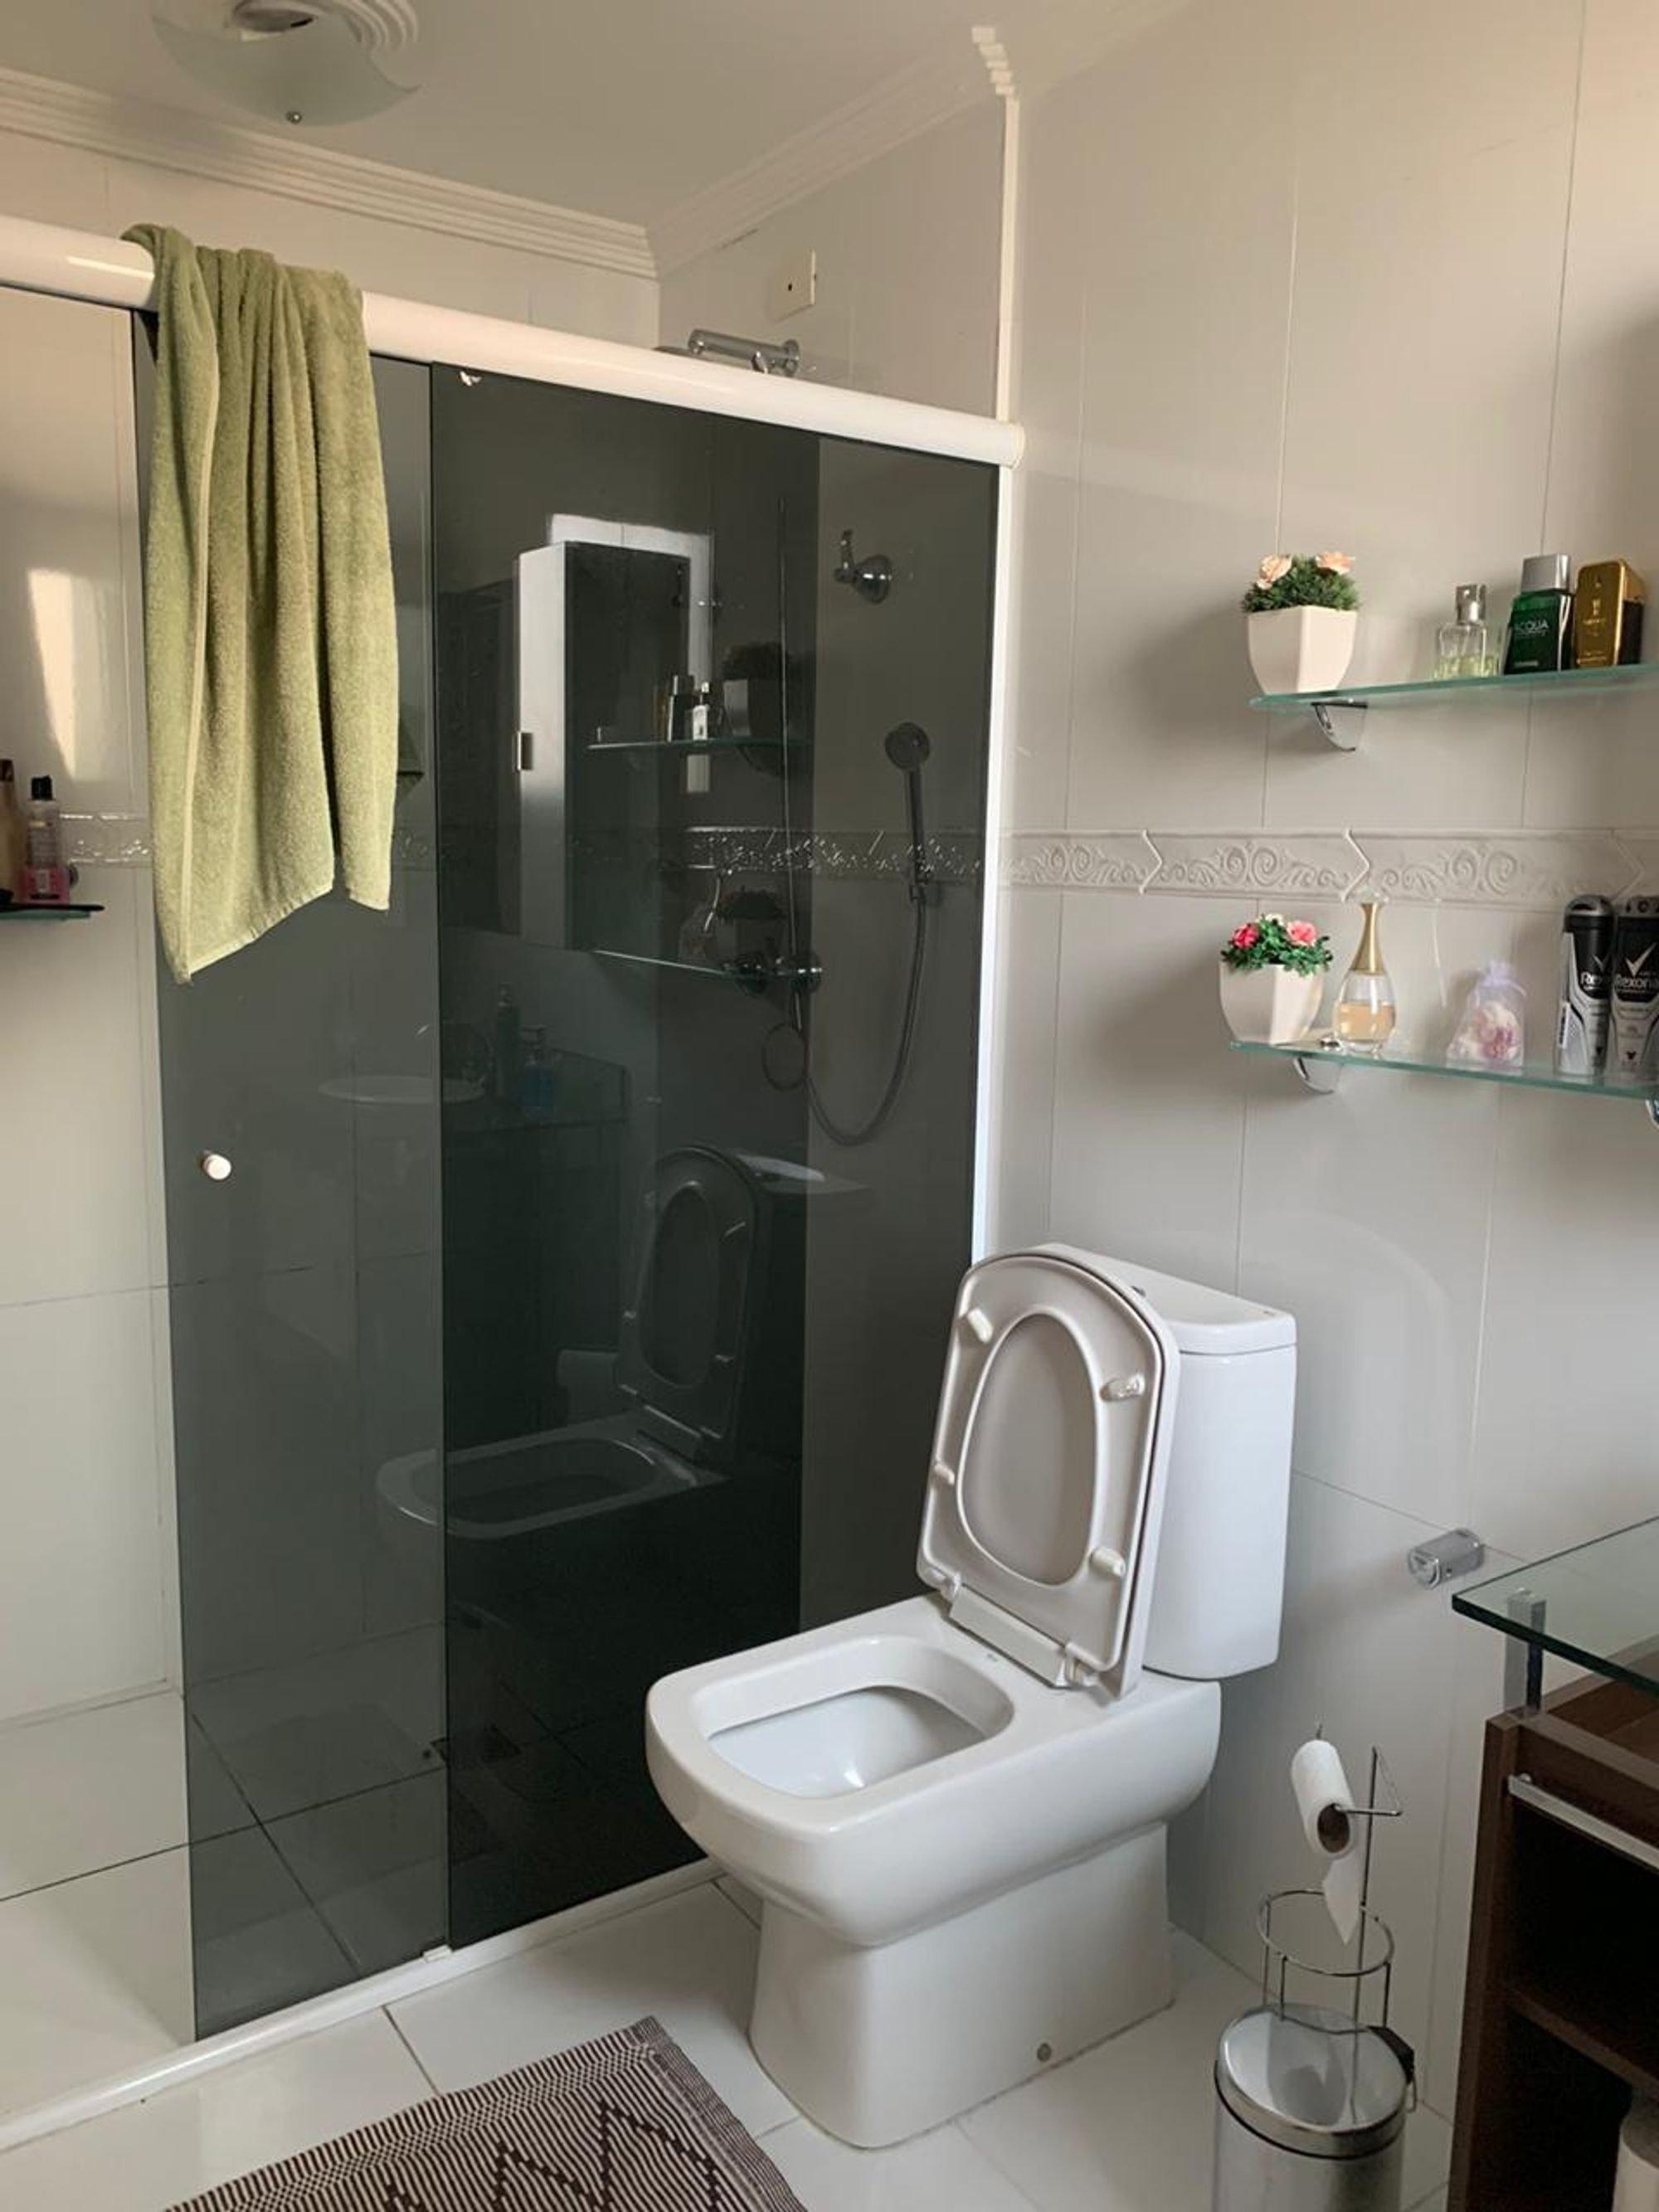 Foto de Banheiro com vaso de planta, vaso sanitário, vaso, garrafa